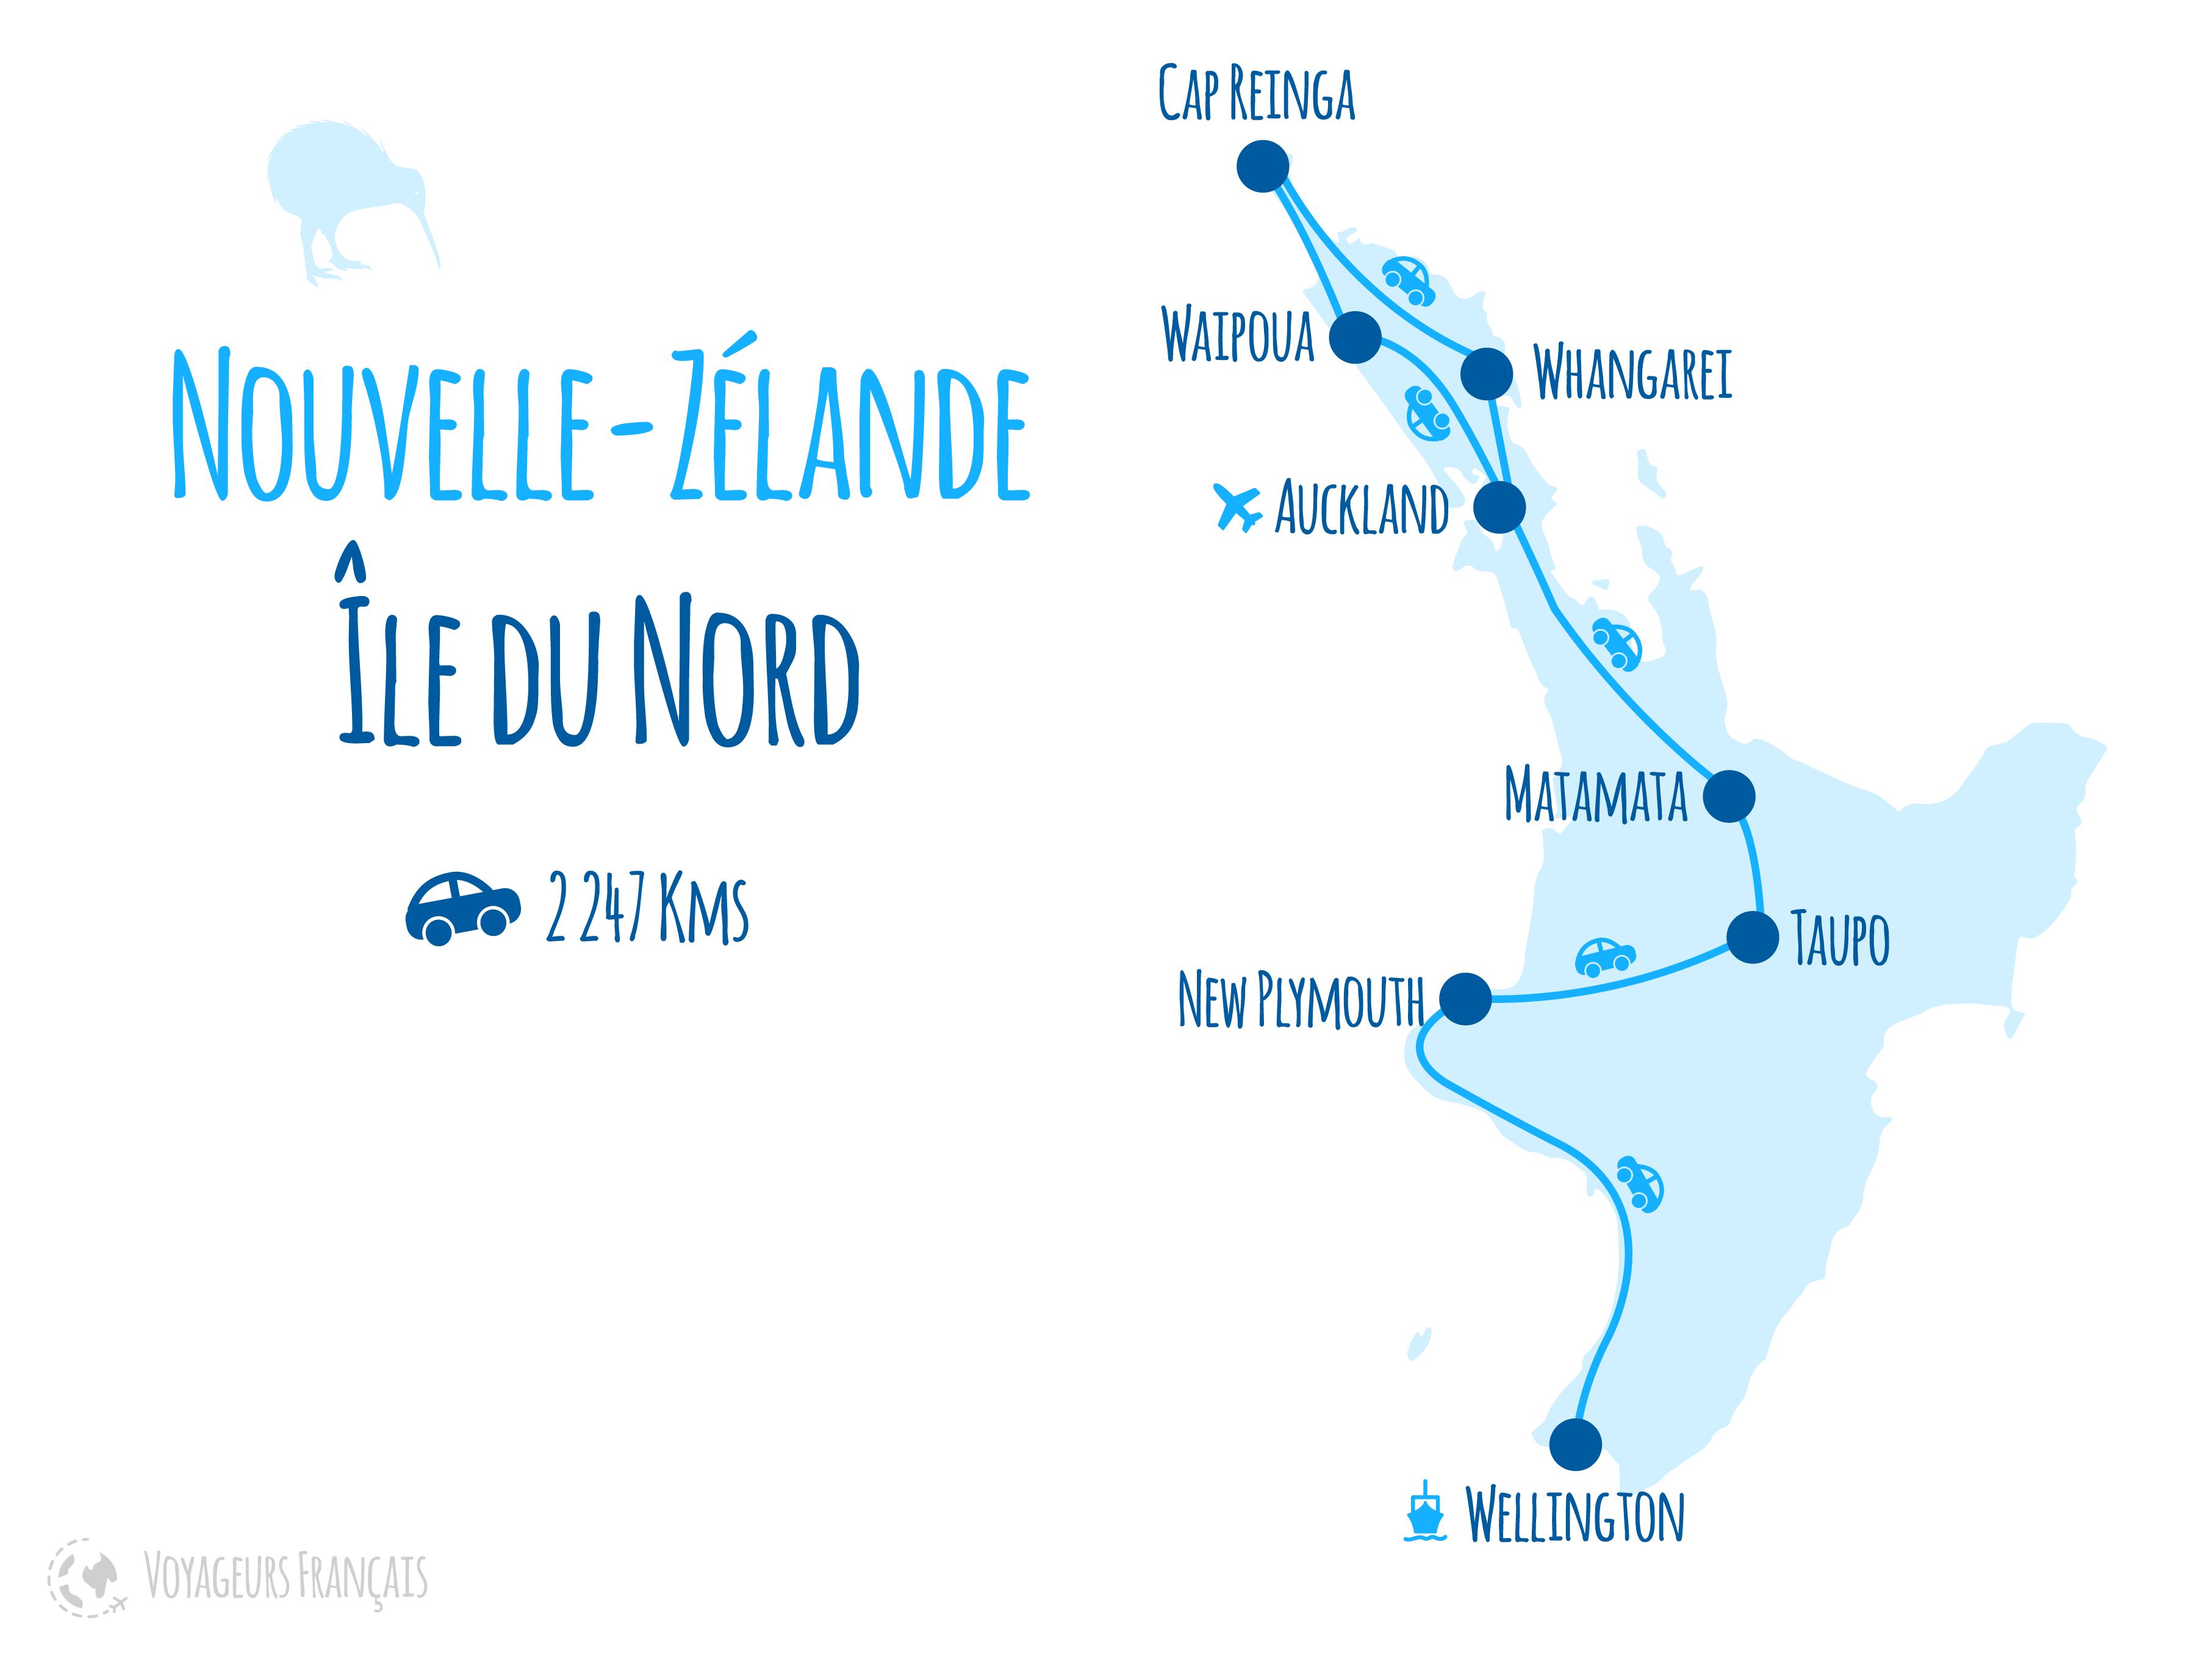 Nouvelle-Zélande - Carte de l'Île du Nord